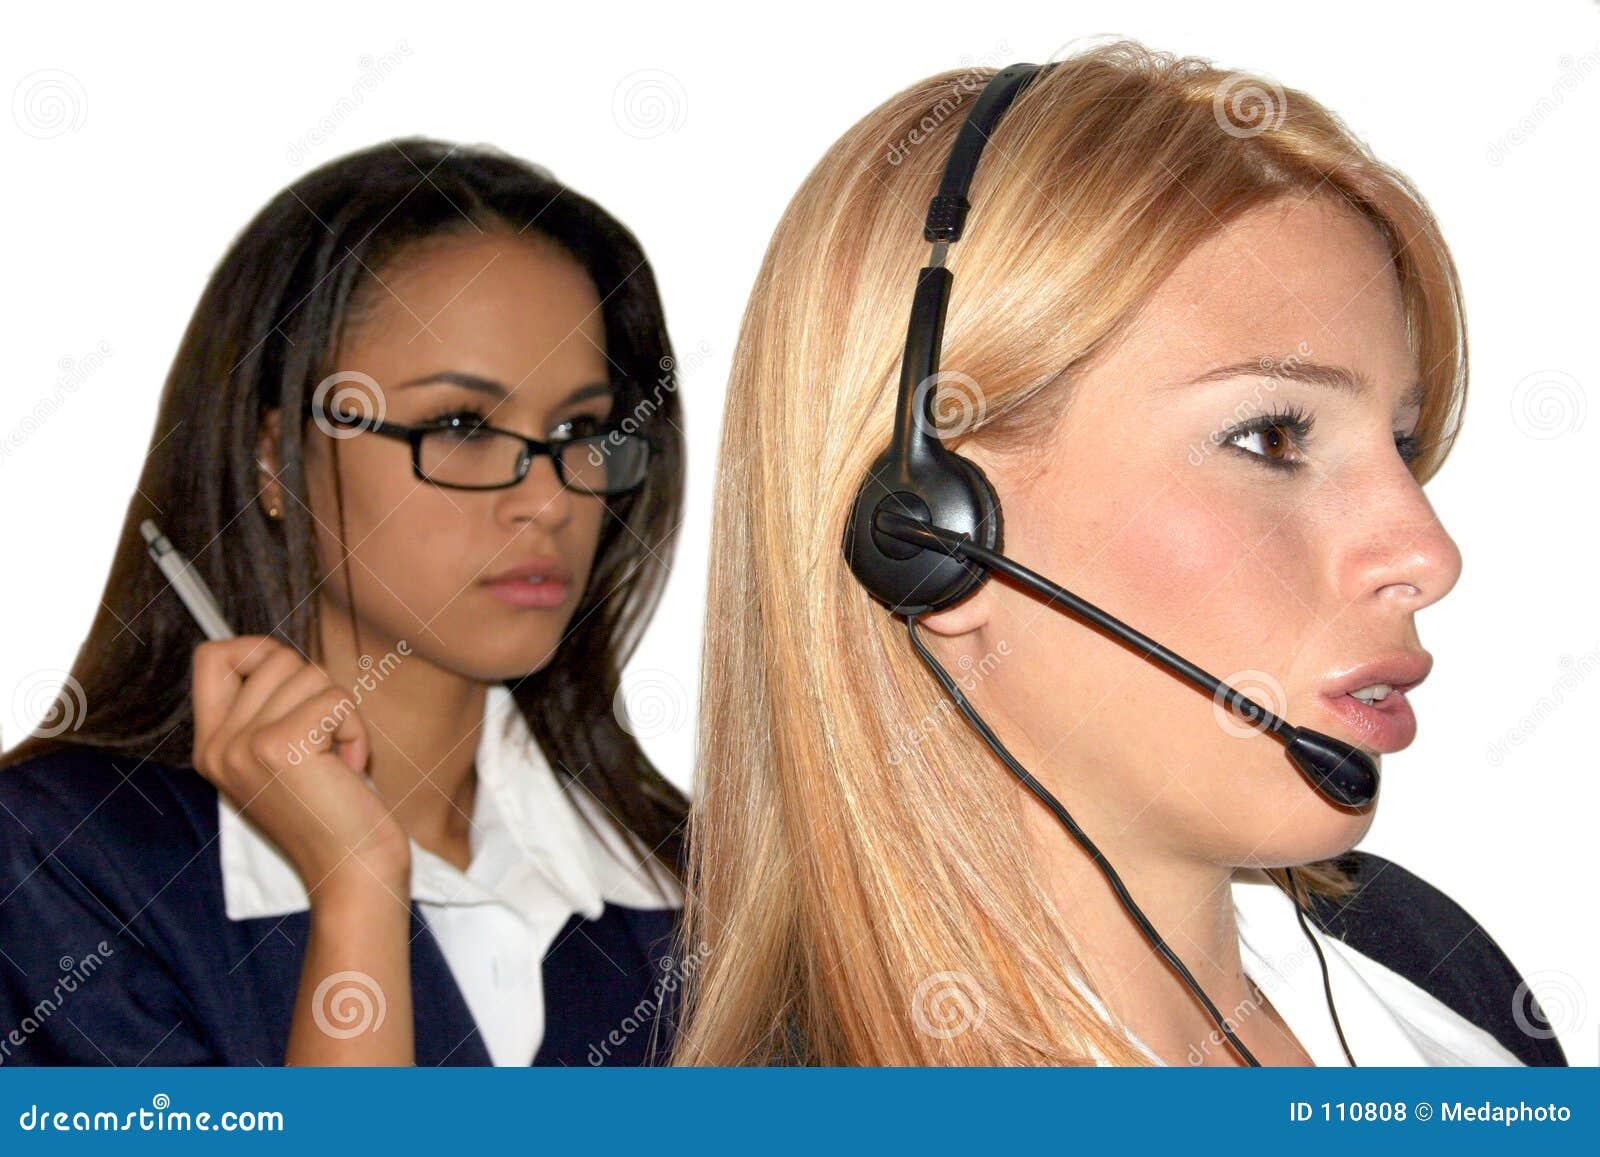 Communications I